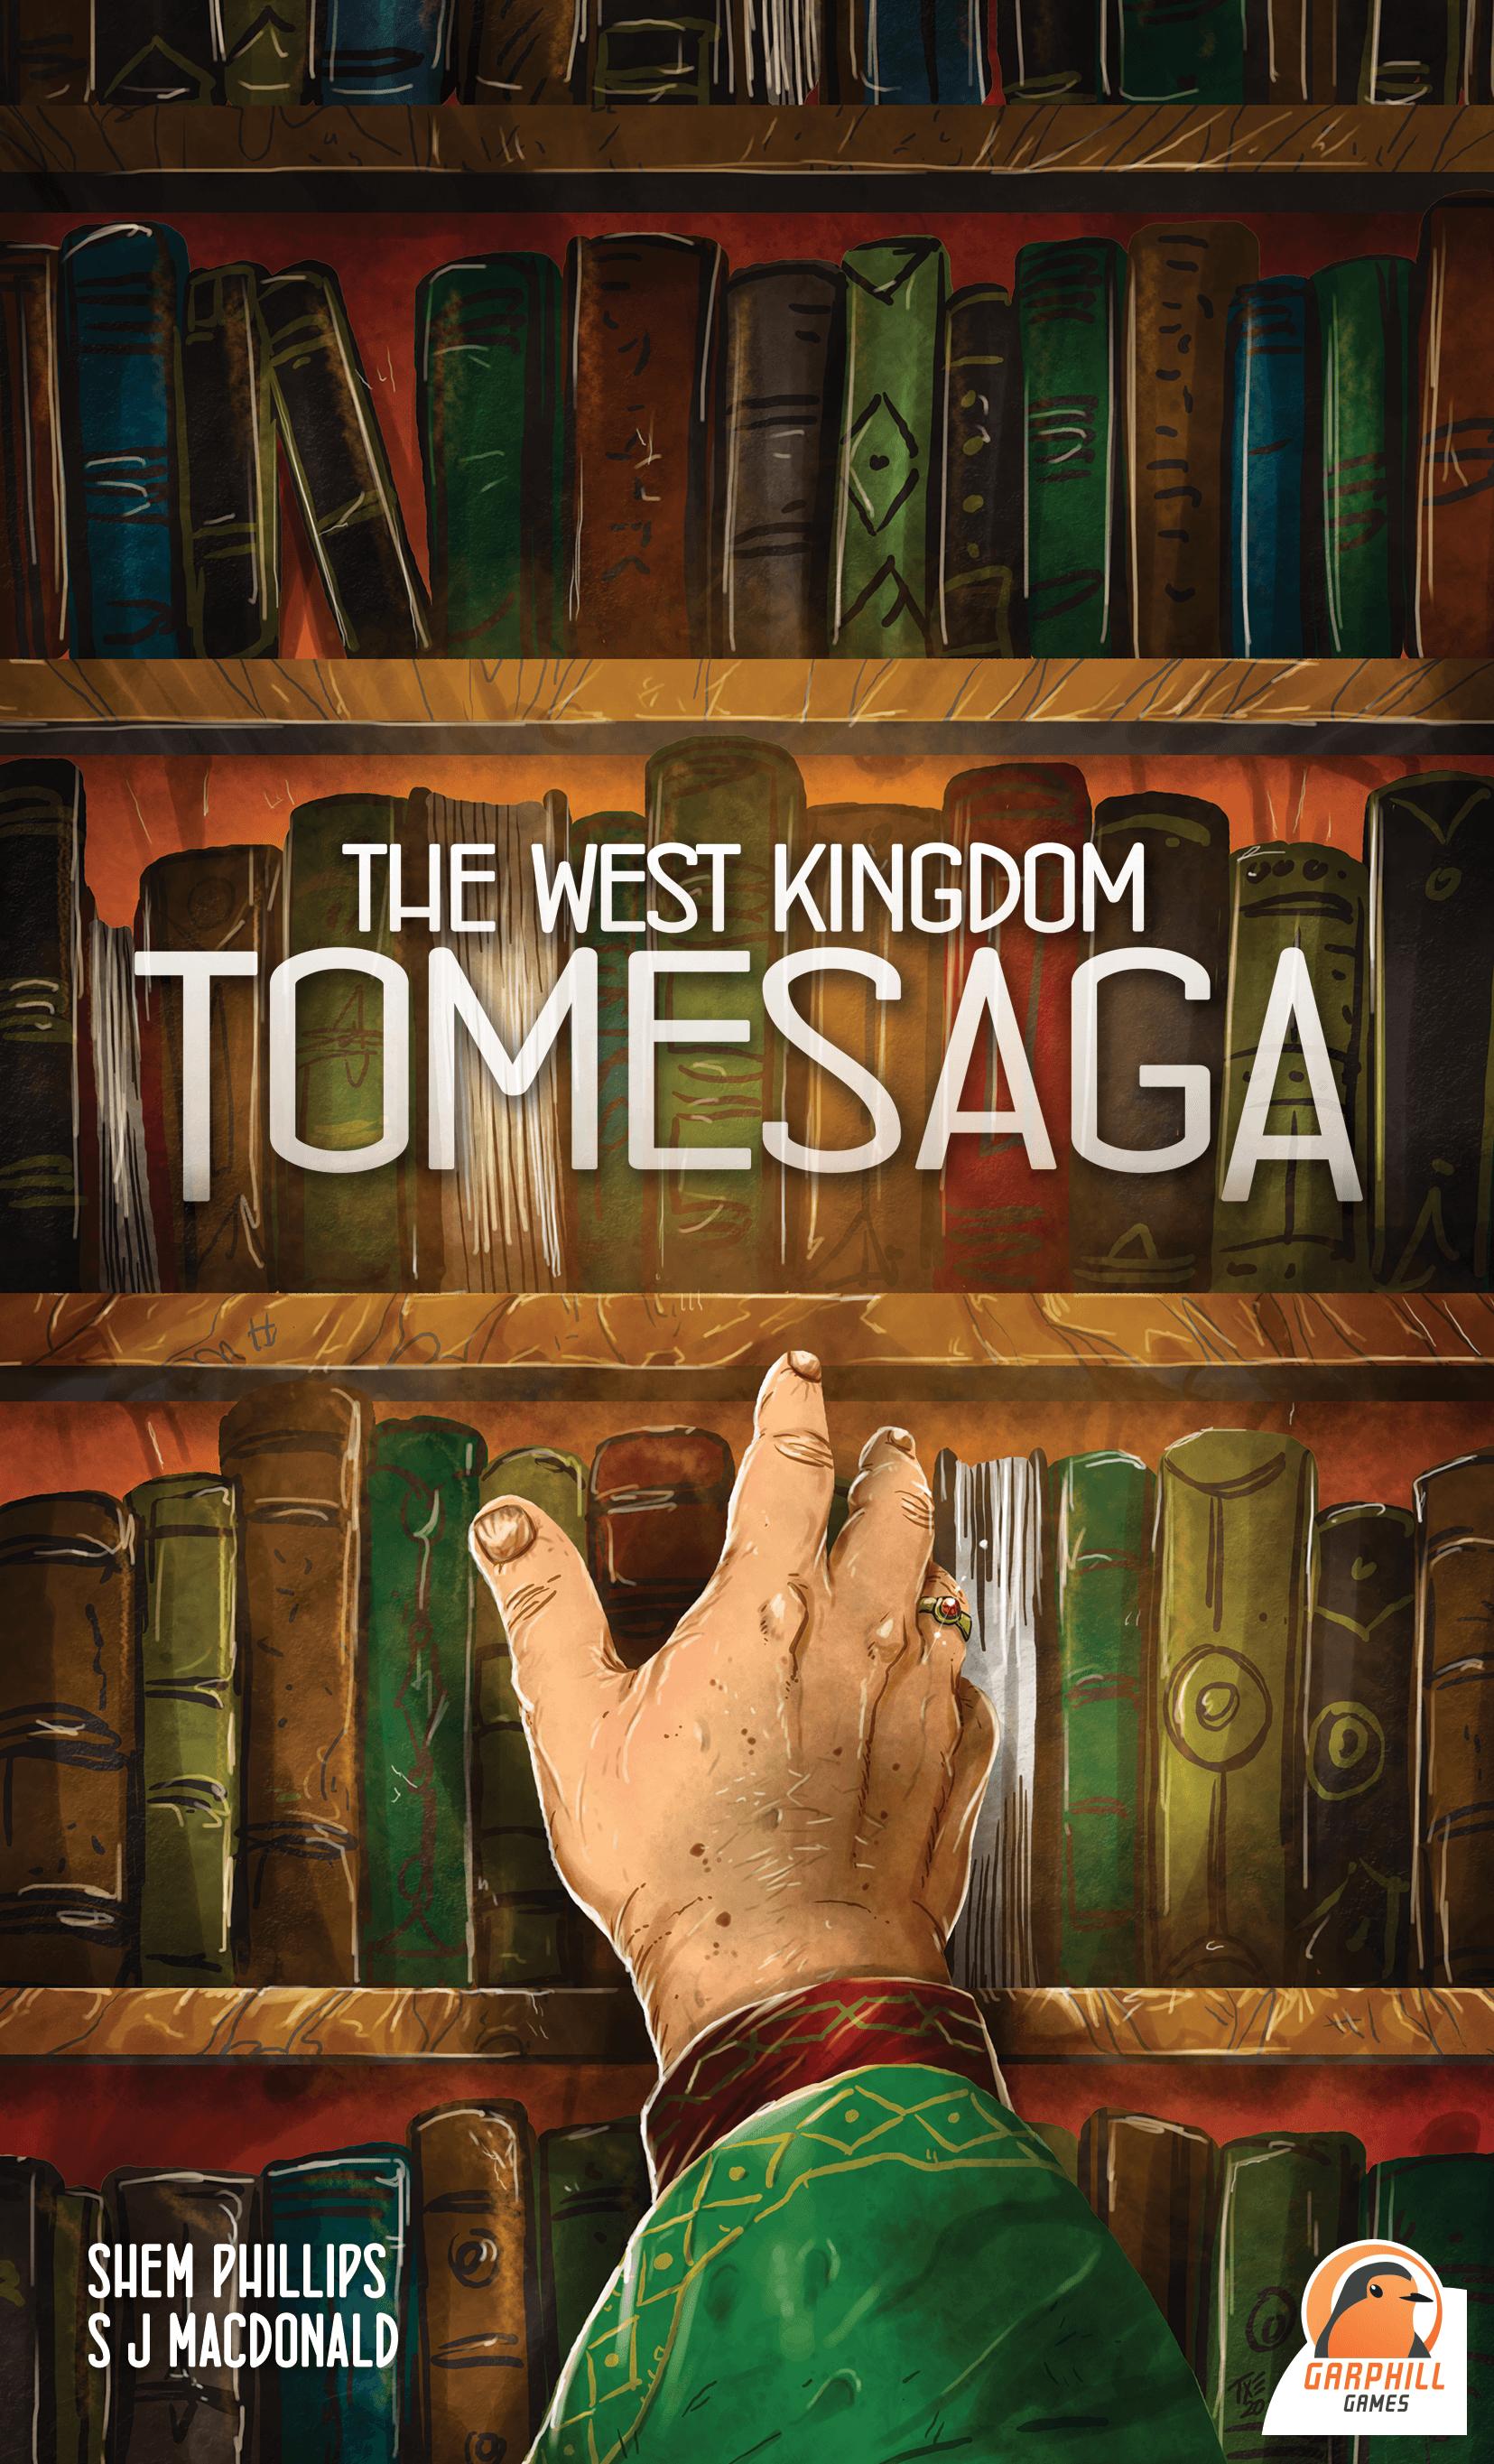 A nyugati királyság krónikái